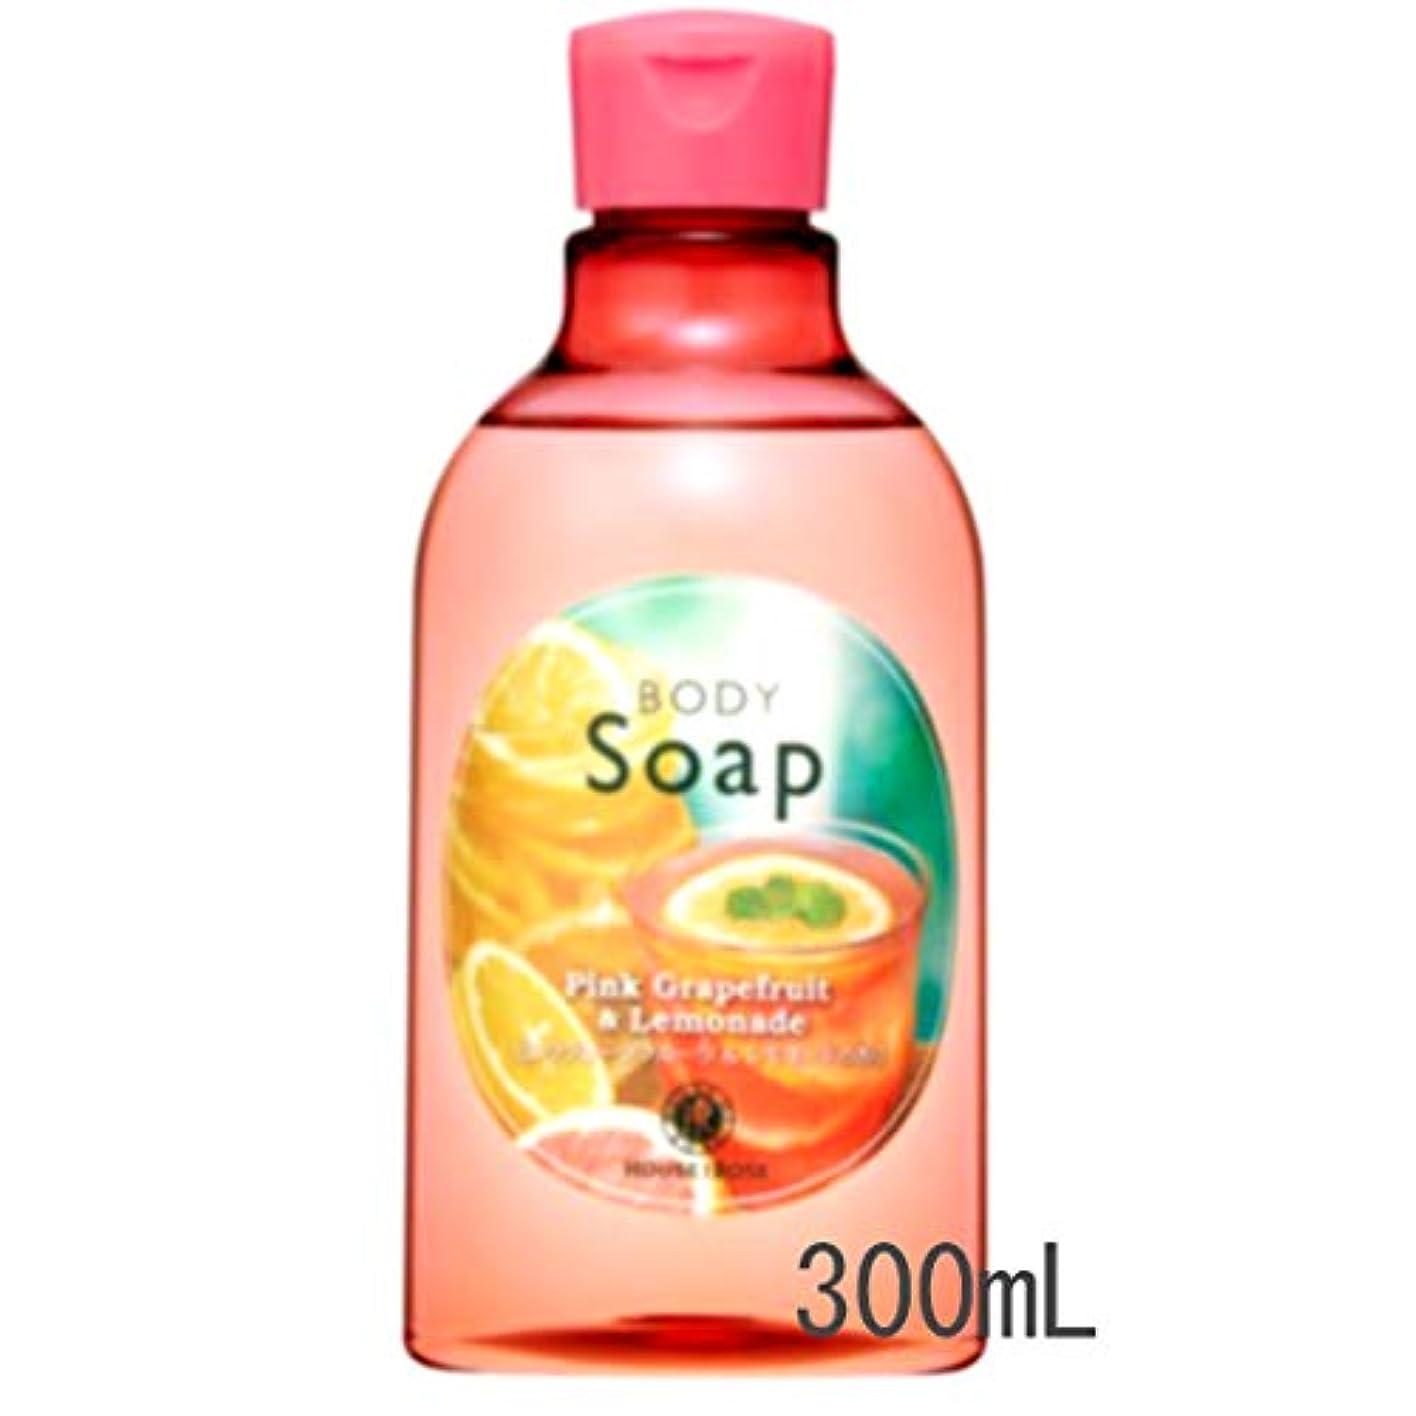 発表書士権利を与えるHOUSE OF ROSE(ハウスオブローゼ) ボディソープ PL(ピンクグレープフルーツ&レモネードの香り)300mL